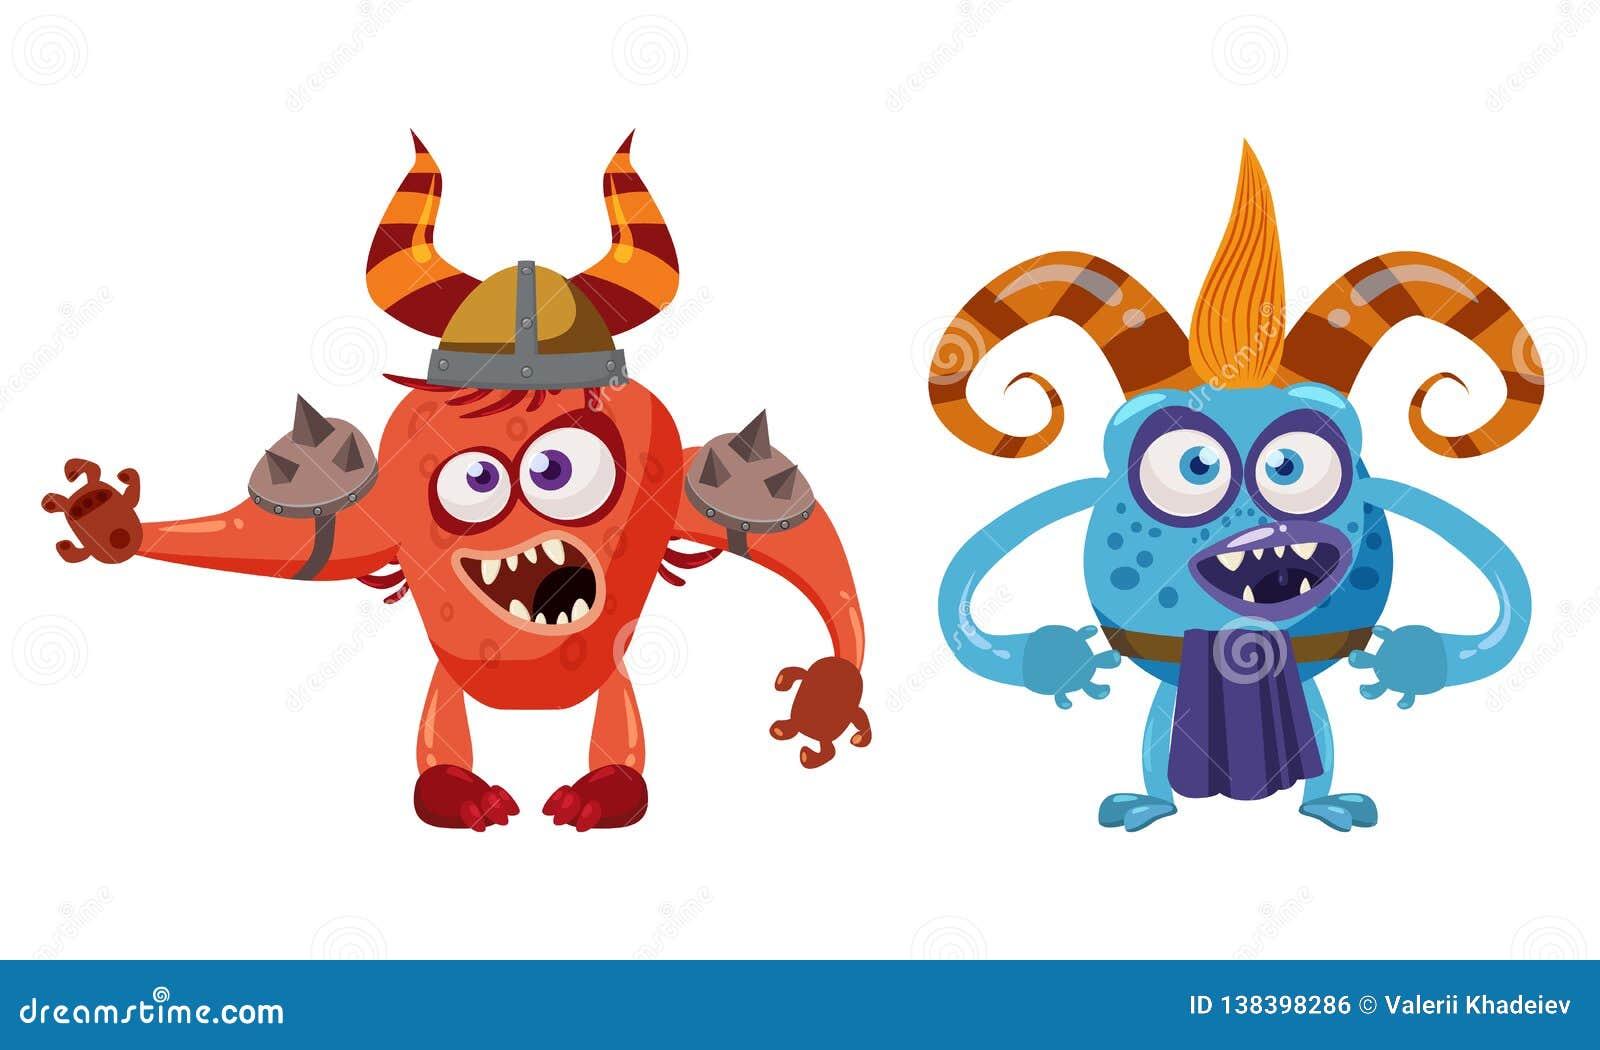 Dziwożony błyszczki anf bajki Czarci śliczny śmieszny charakter, emocje, kreskówka styl dla książek, reklama, majchery, wektor